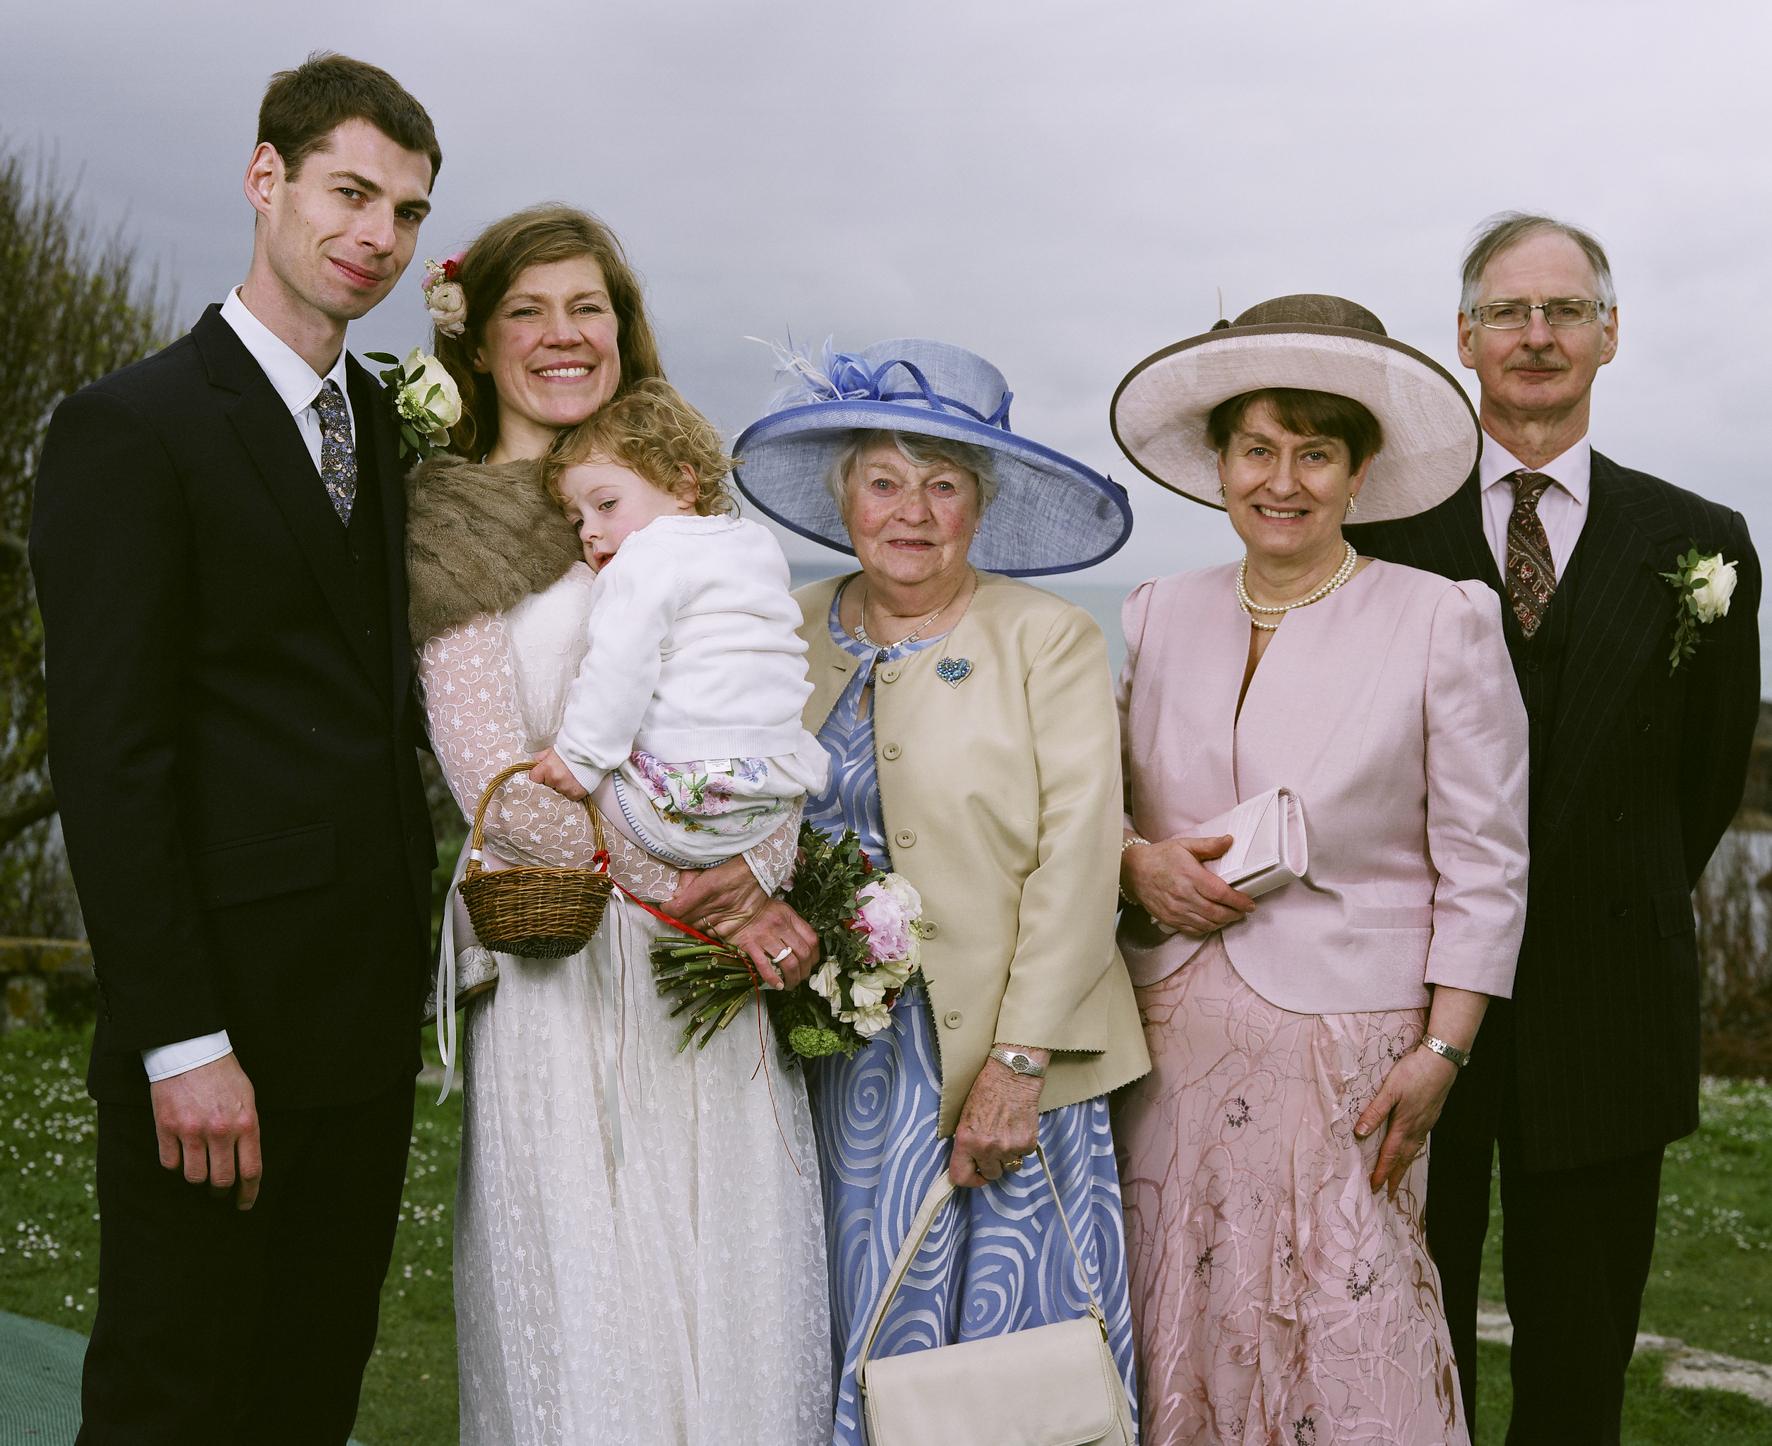 Wedding example_M&P_92560005_Claudia Leisinger.jpg